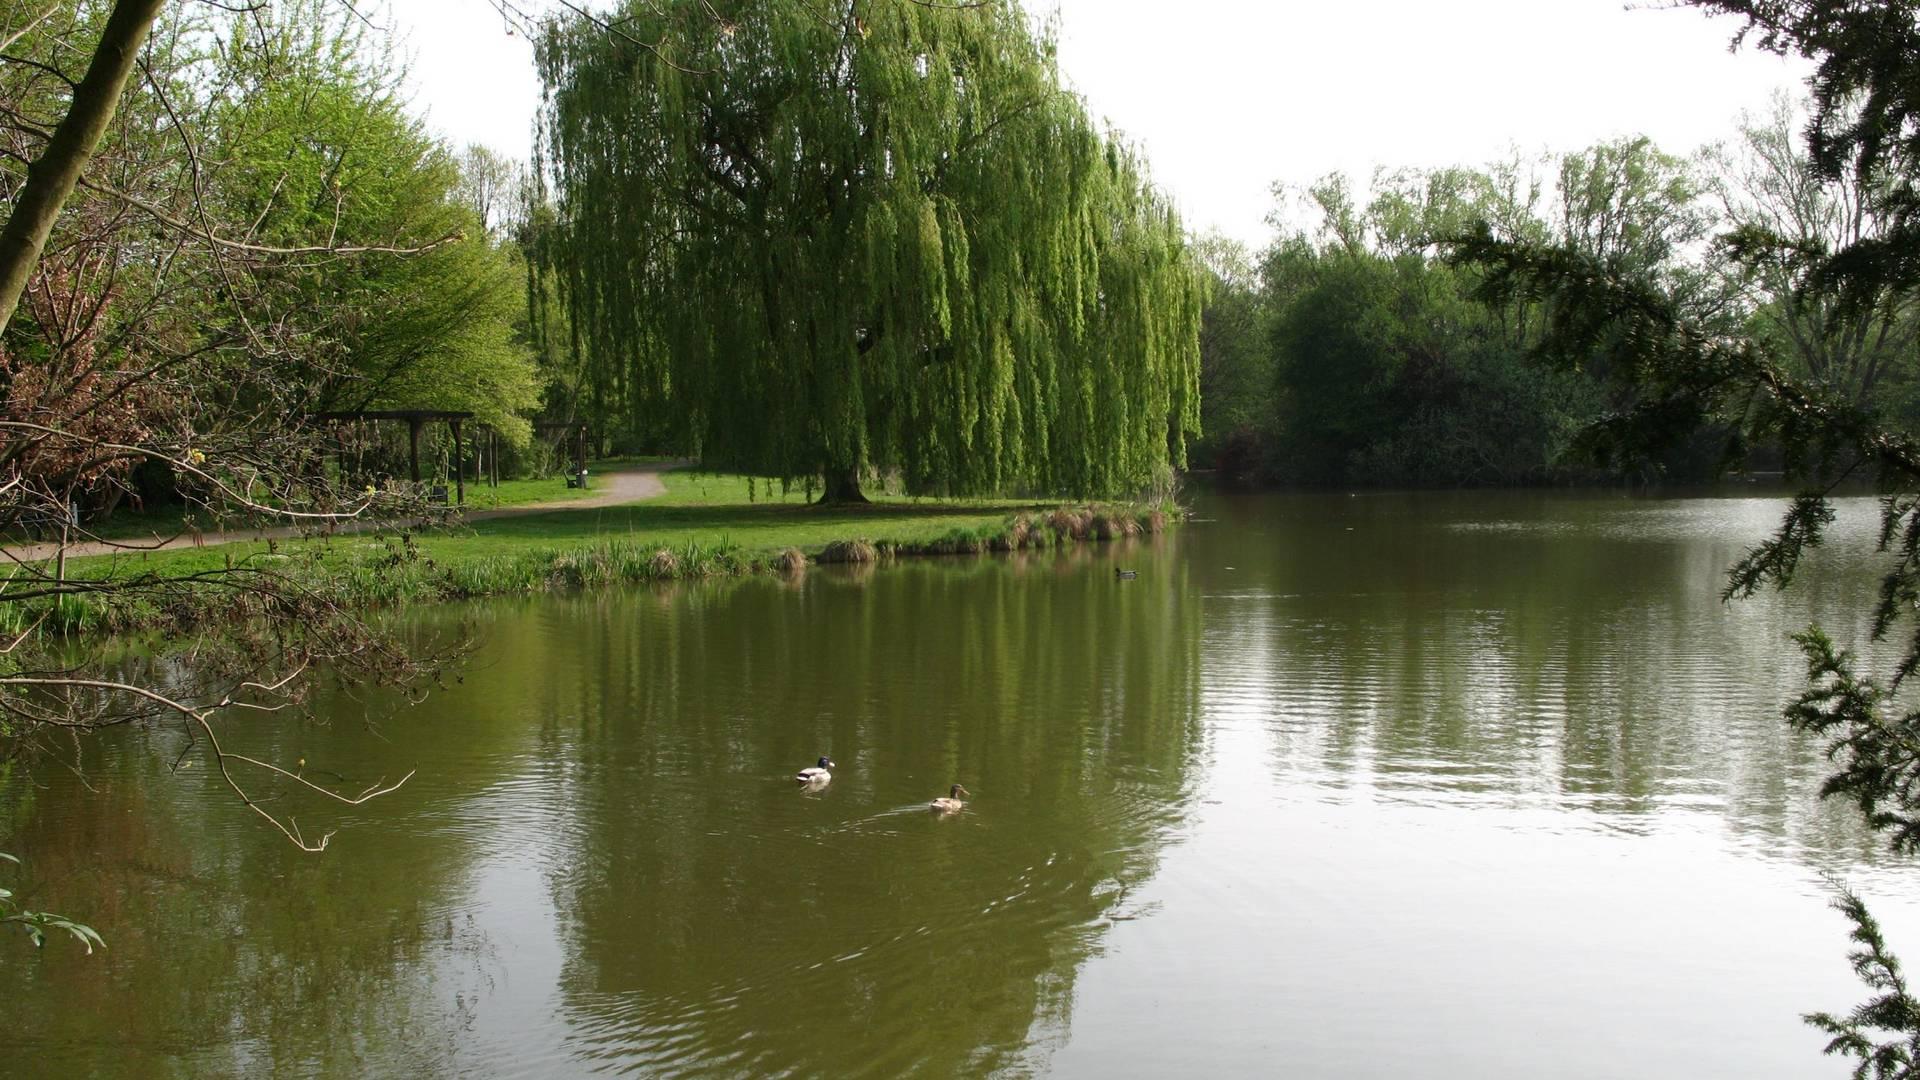 2007.04.17. Neuer Stadtpark 044 ©Stadt Lehrte